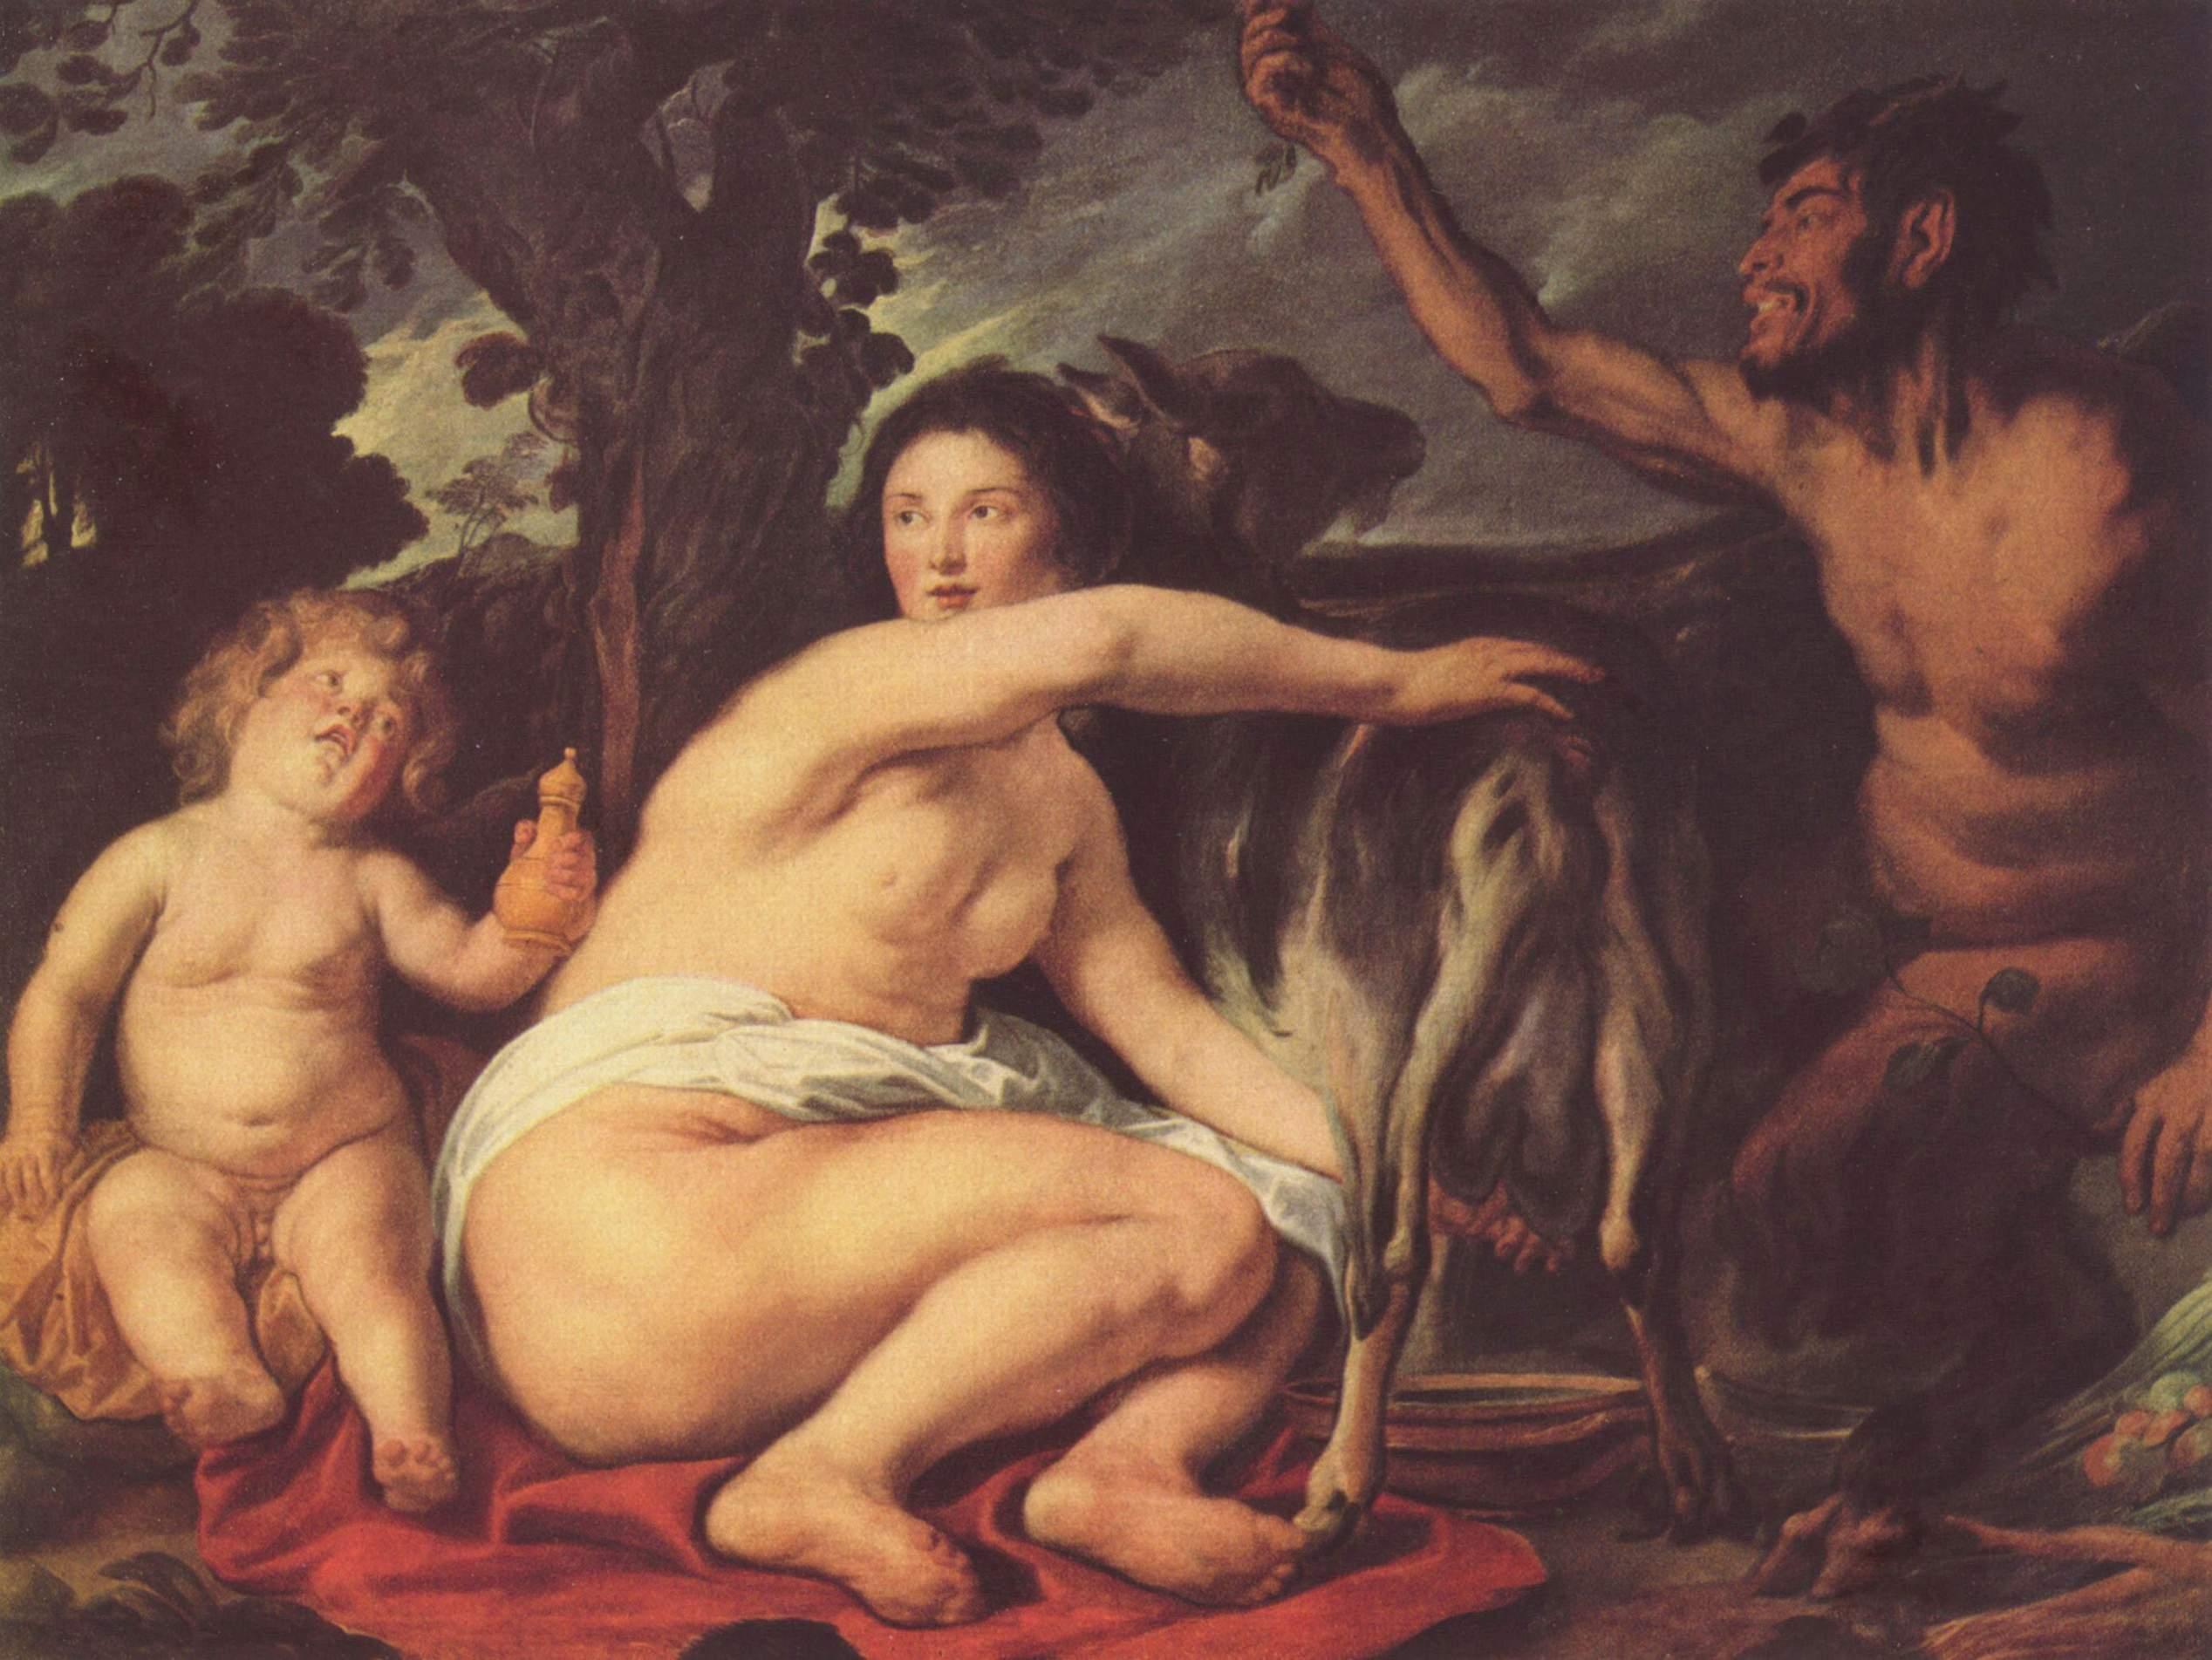 Детство Зевса (Зевс питается молоком козы Амалфеи), Йорданс Якоб